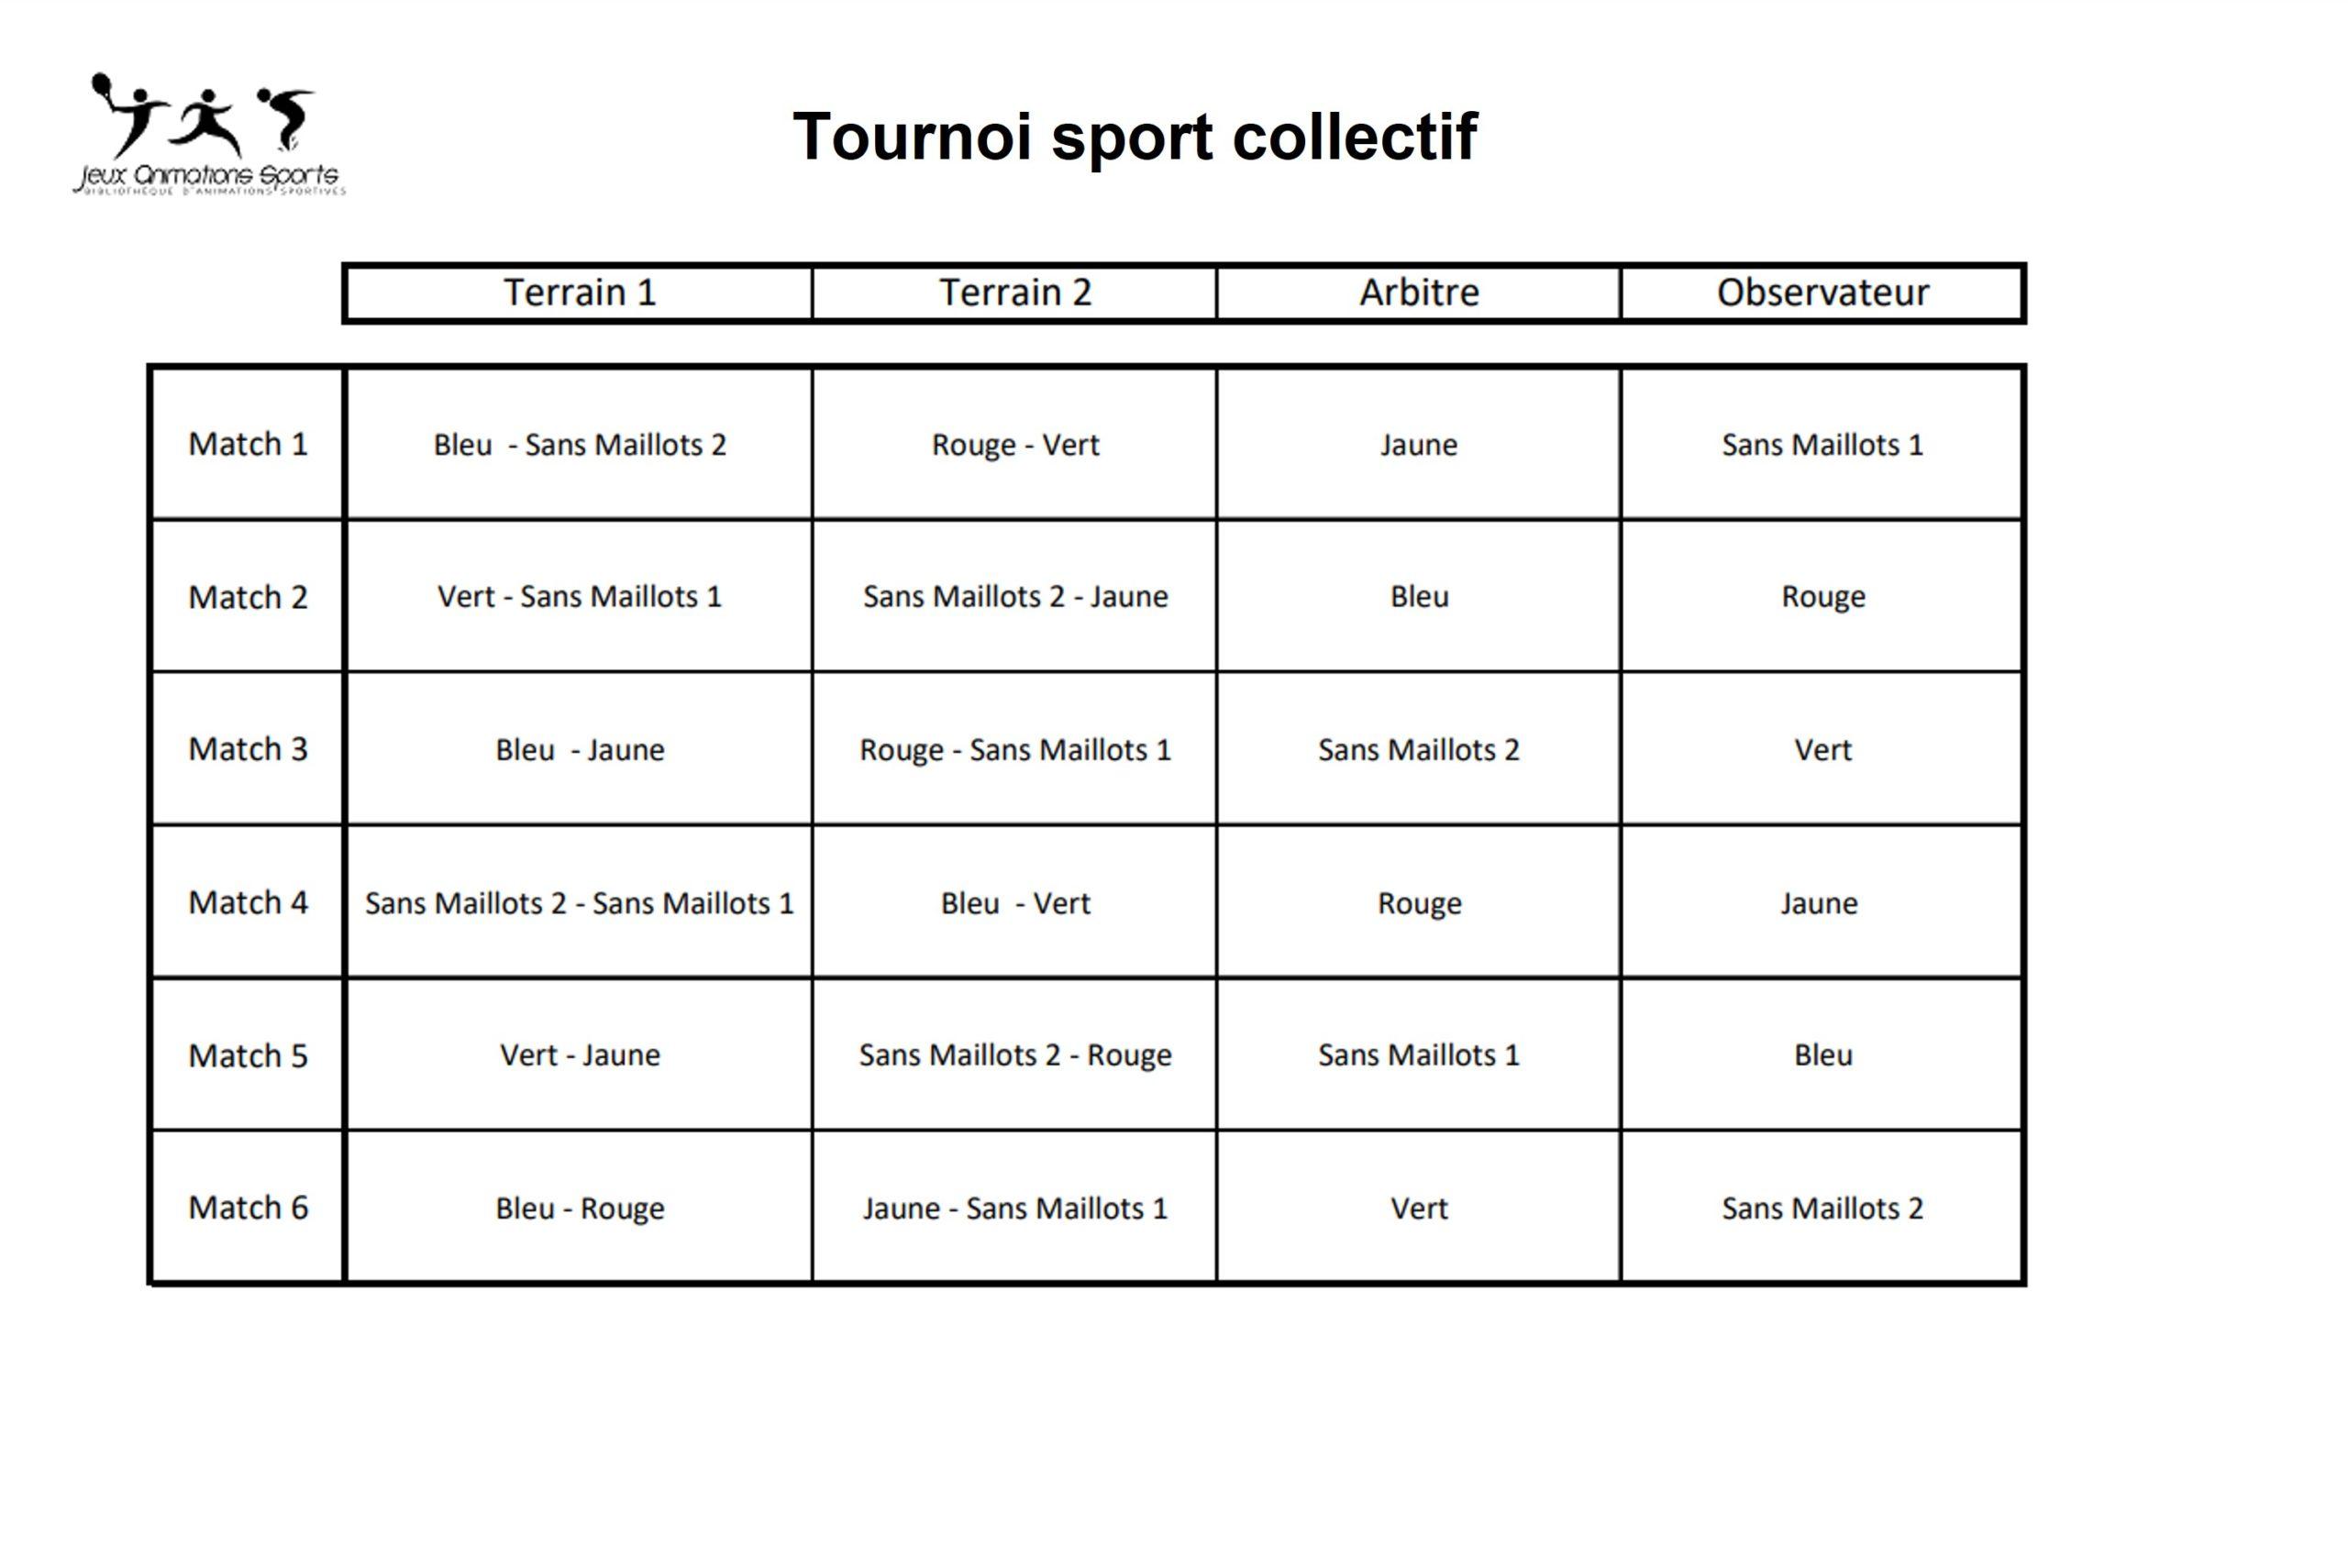 Rotation tournoi sport collectif à 6 équipes avec arbitres et observateurs